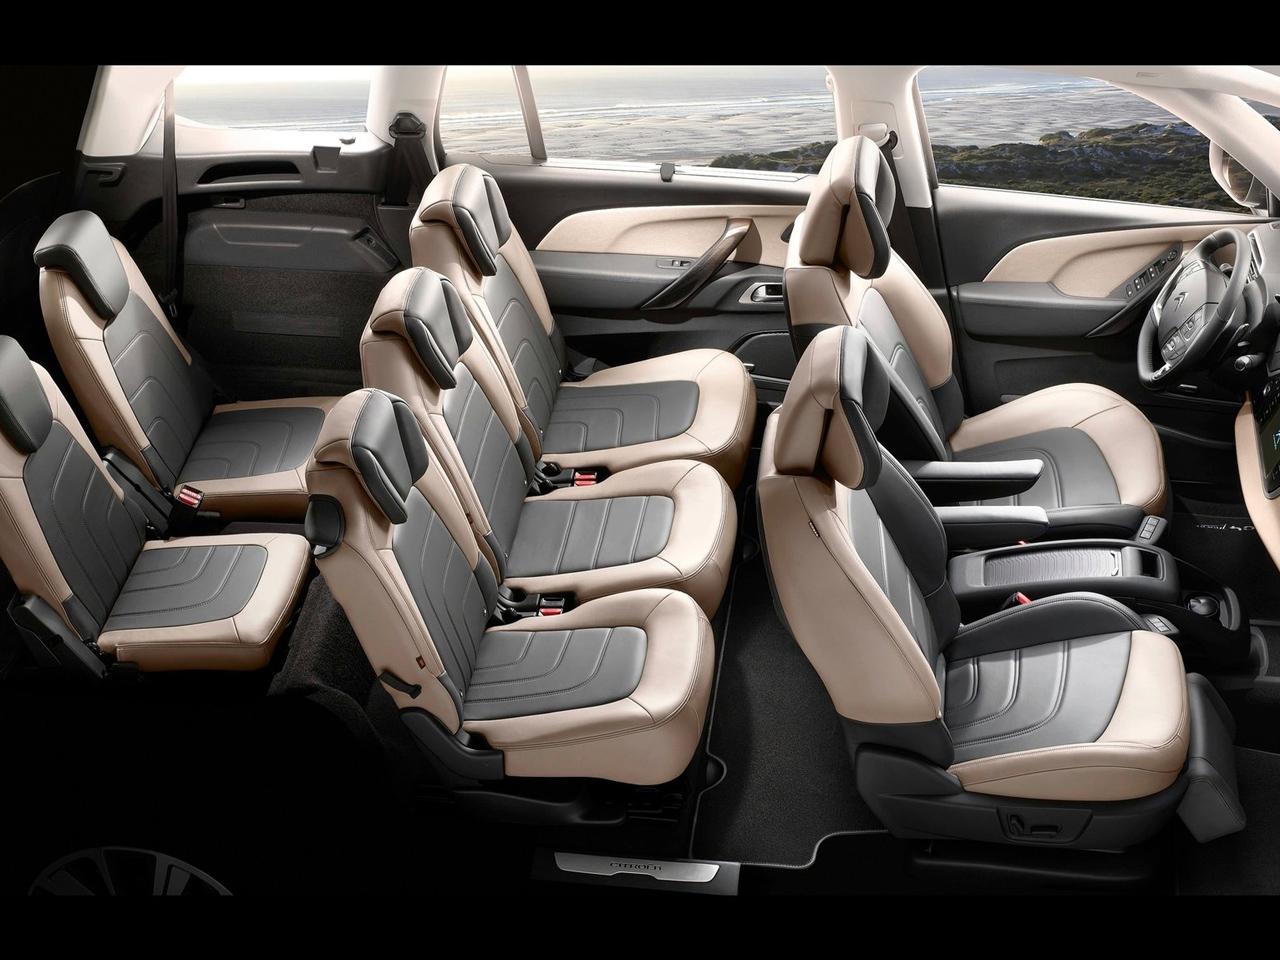 Interior Citroën C4 Grand Picasso